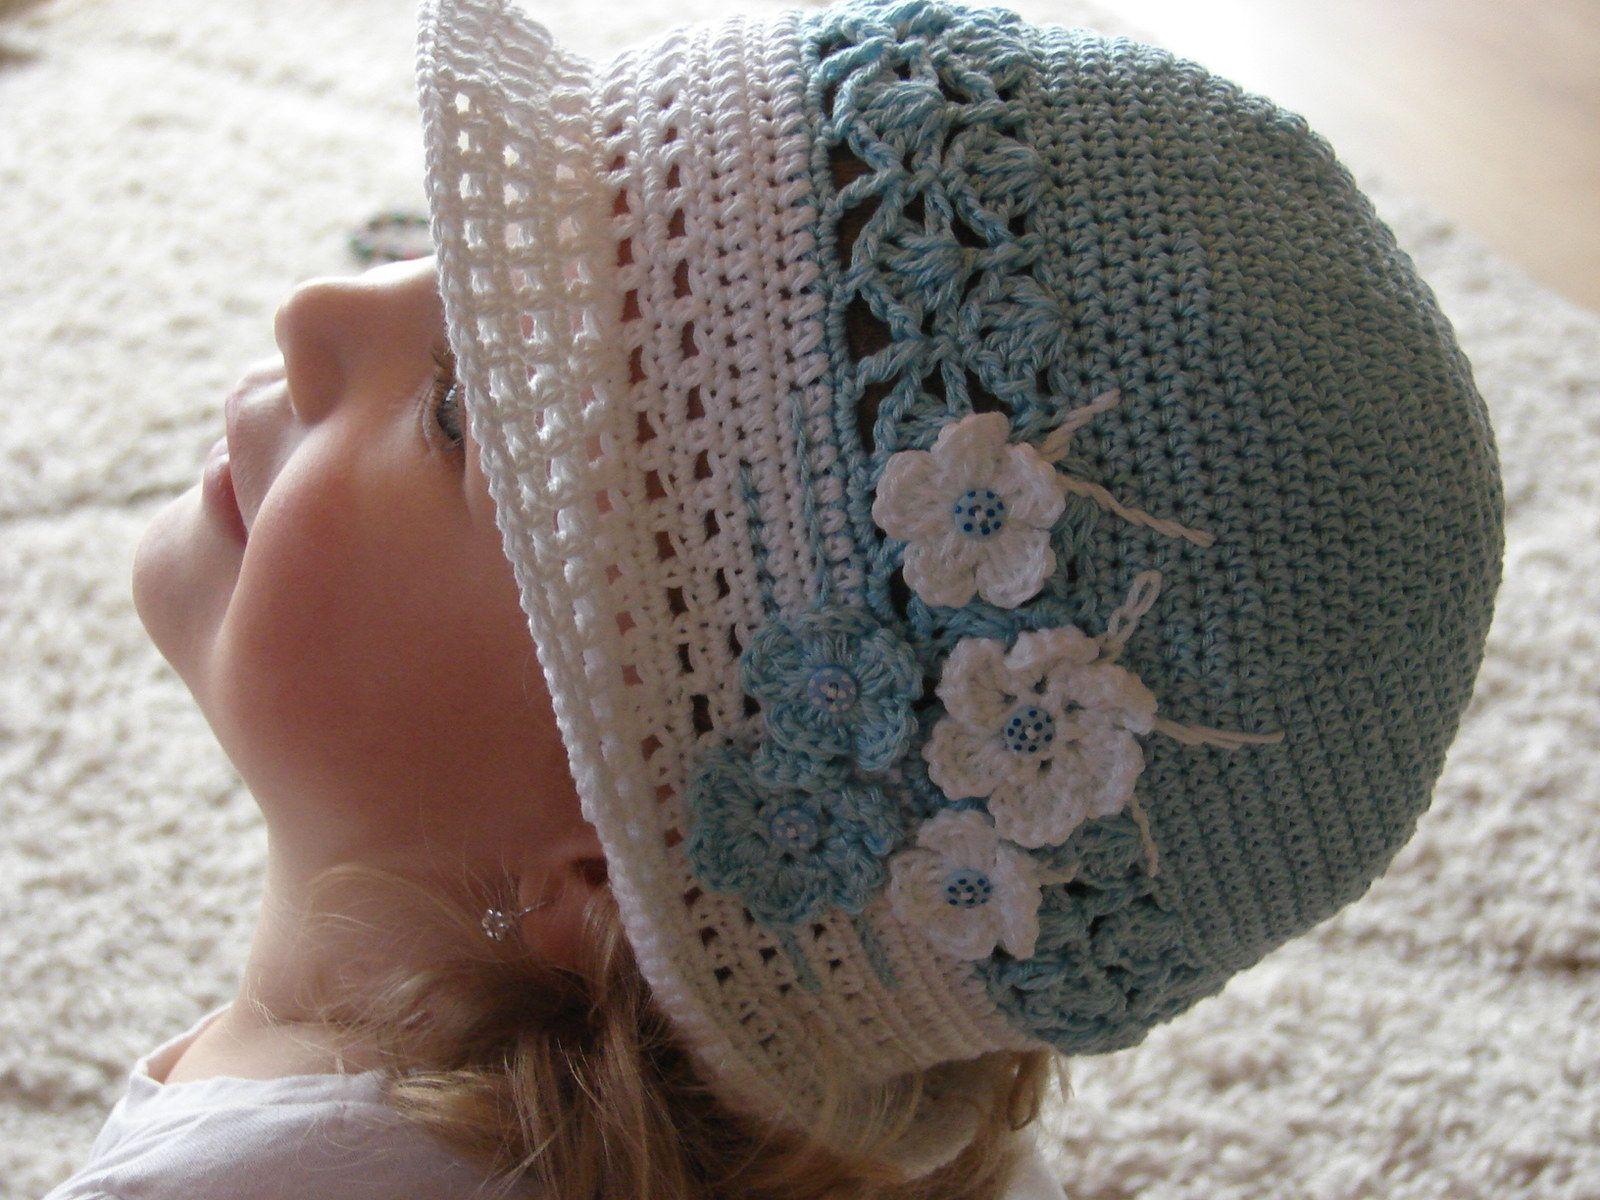 42730b74bd8 Modrobílý klobouček Dětský háčkovaný klobouček ve velikosti 48 - 50 cm. Pro  věk 1